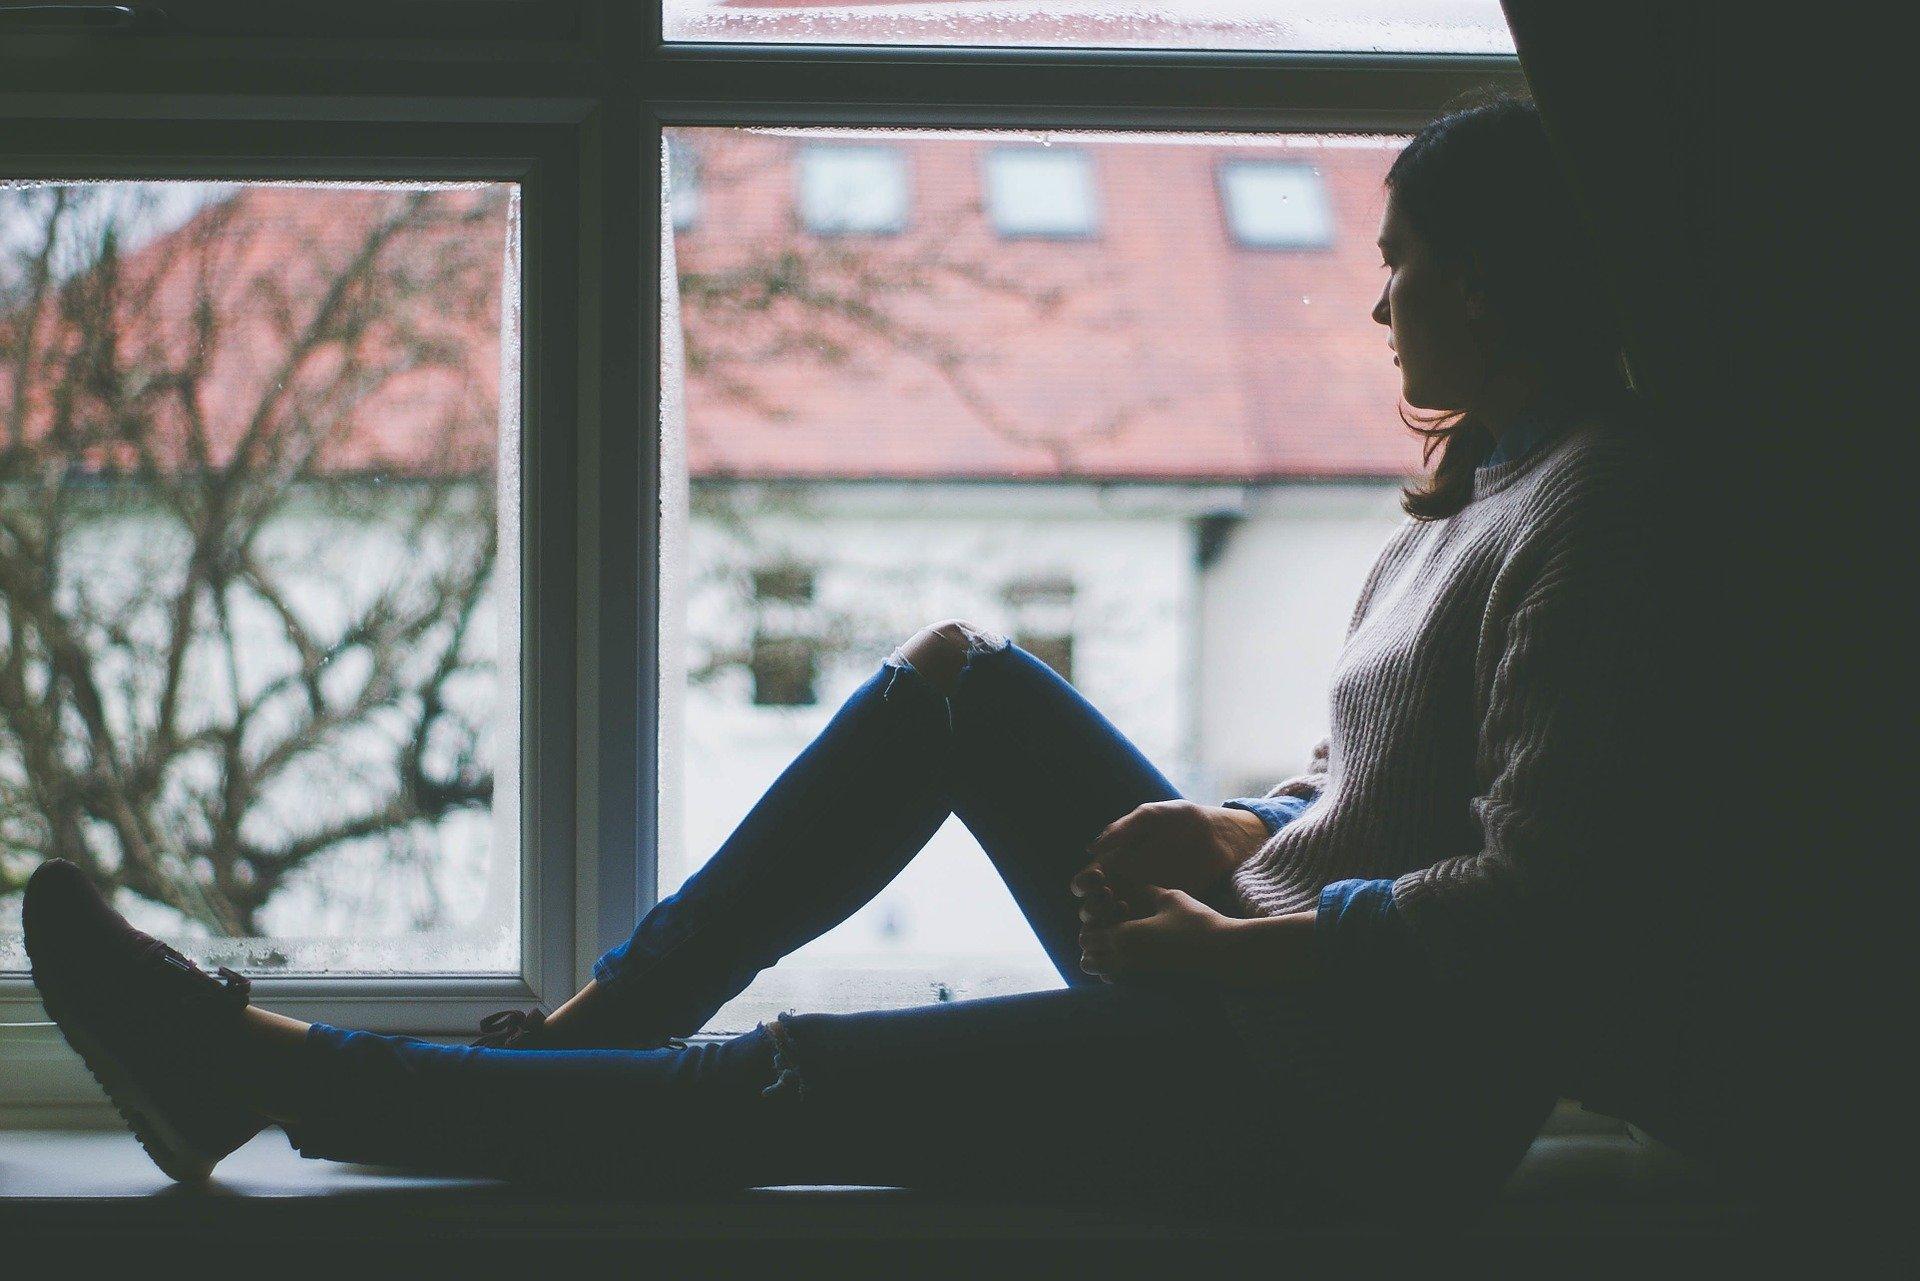 Eine Schwankung der Libido oder einen Libidoverlust kennen viele Frauen; die Ursachen sind verschieden.